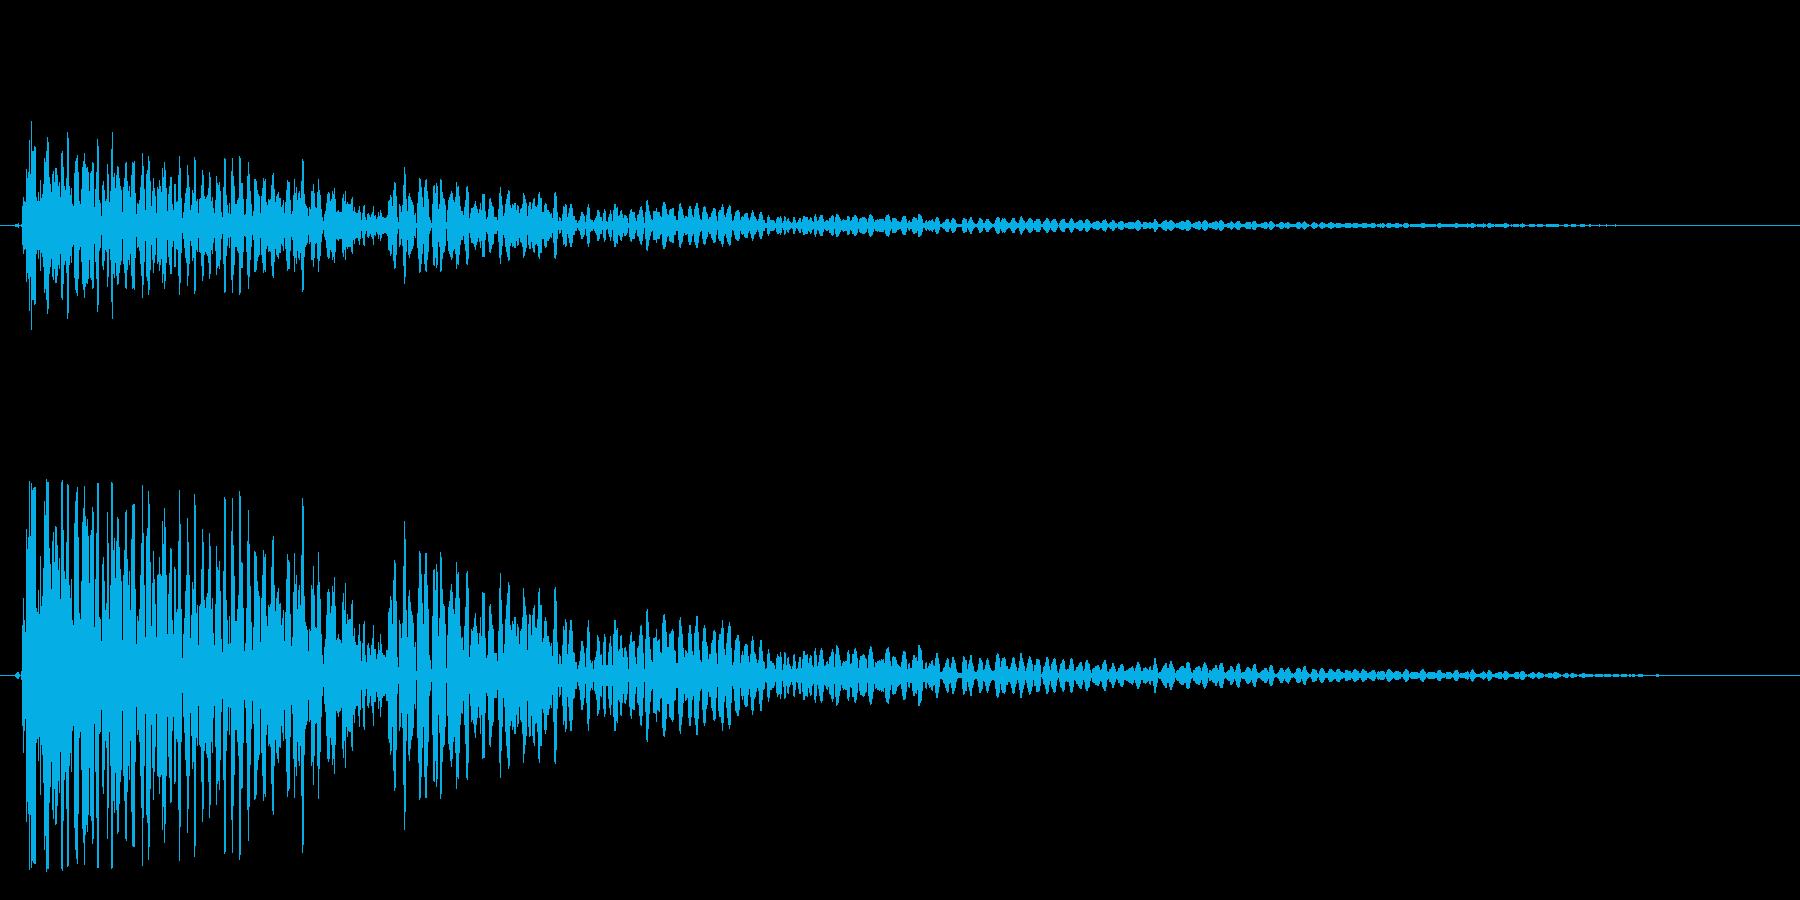 バァーン(恐怖におののく爆発音)の再生済みの波形